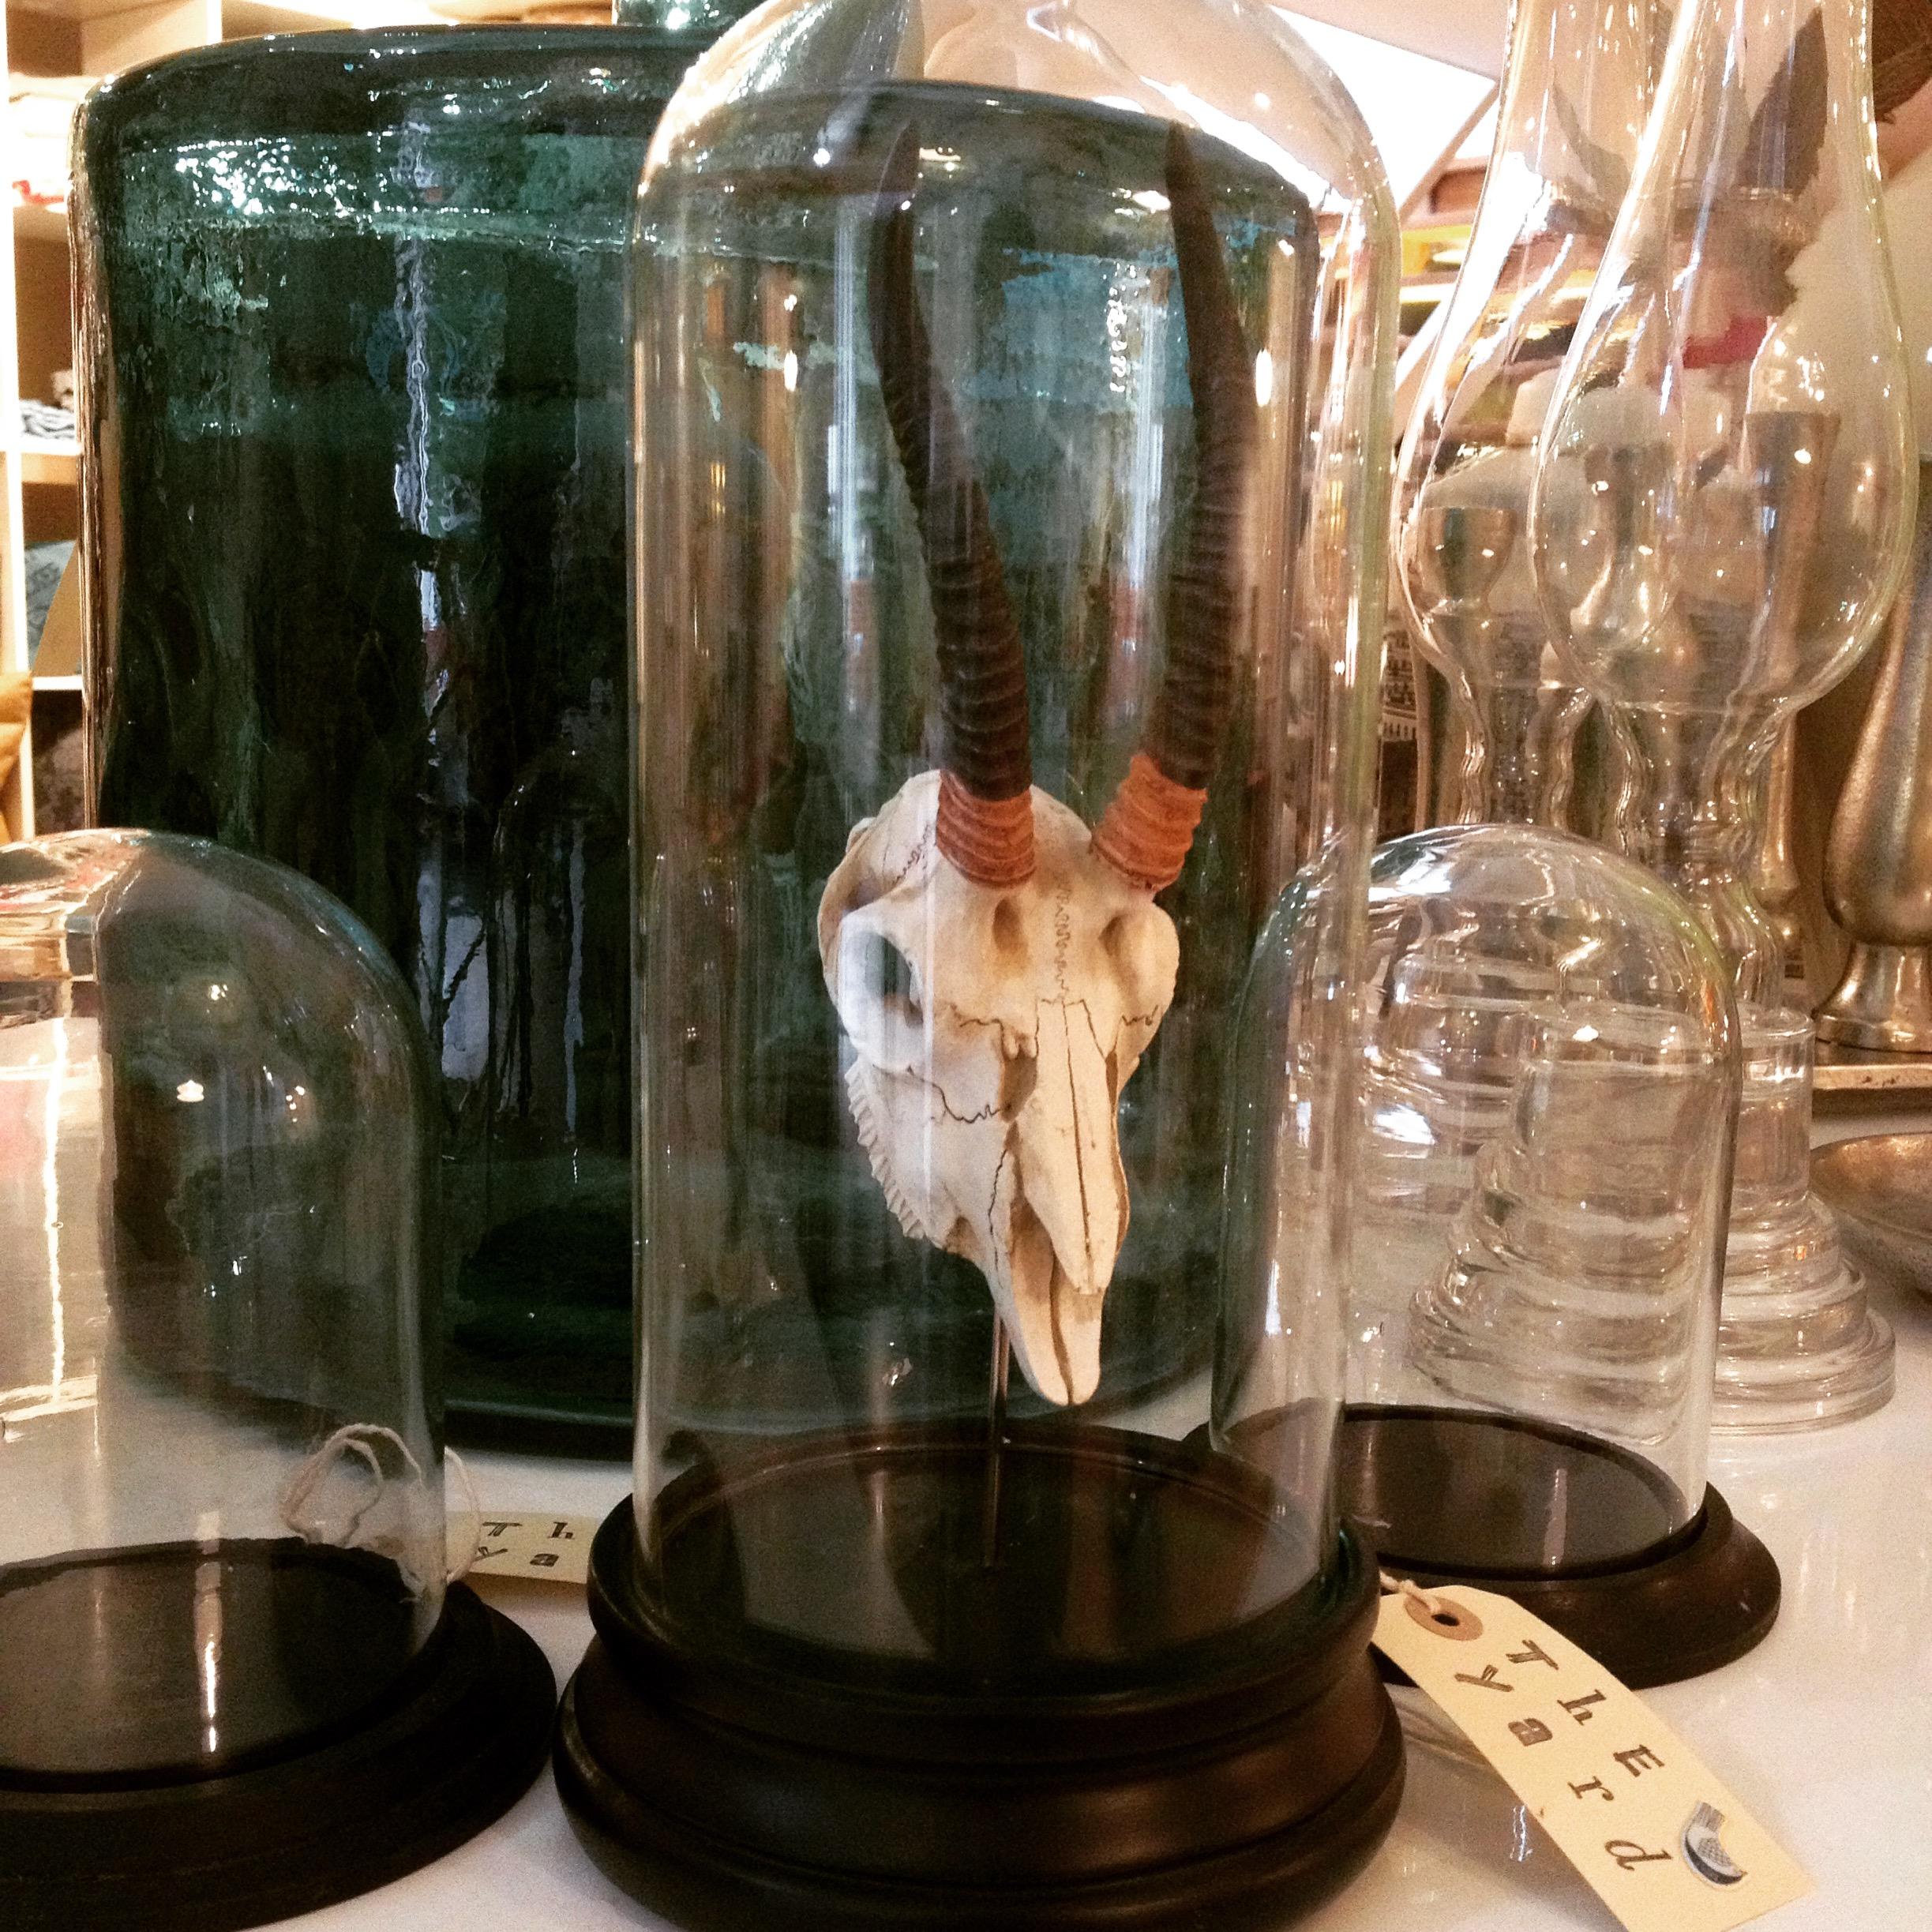 Antelope skull in glass dome